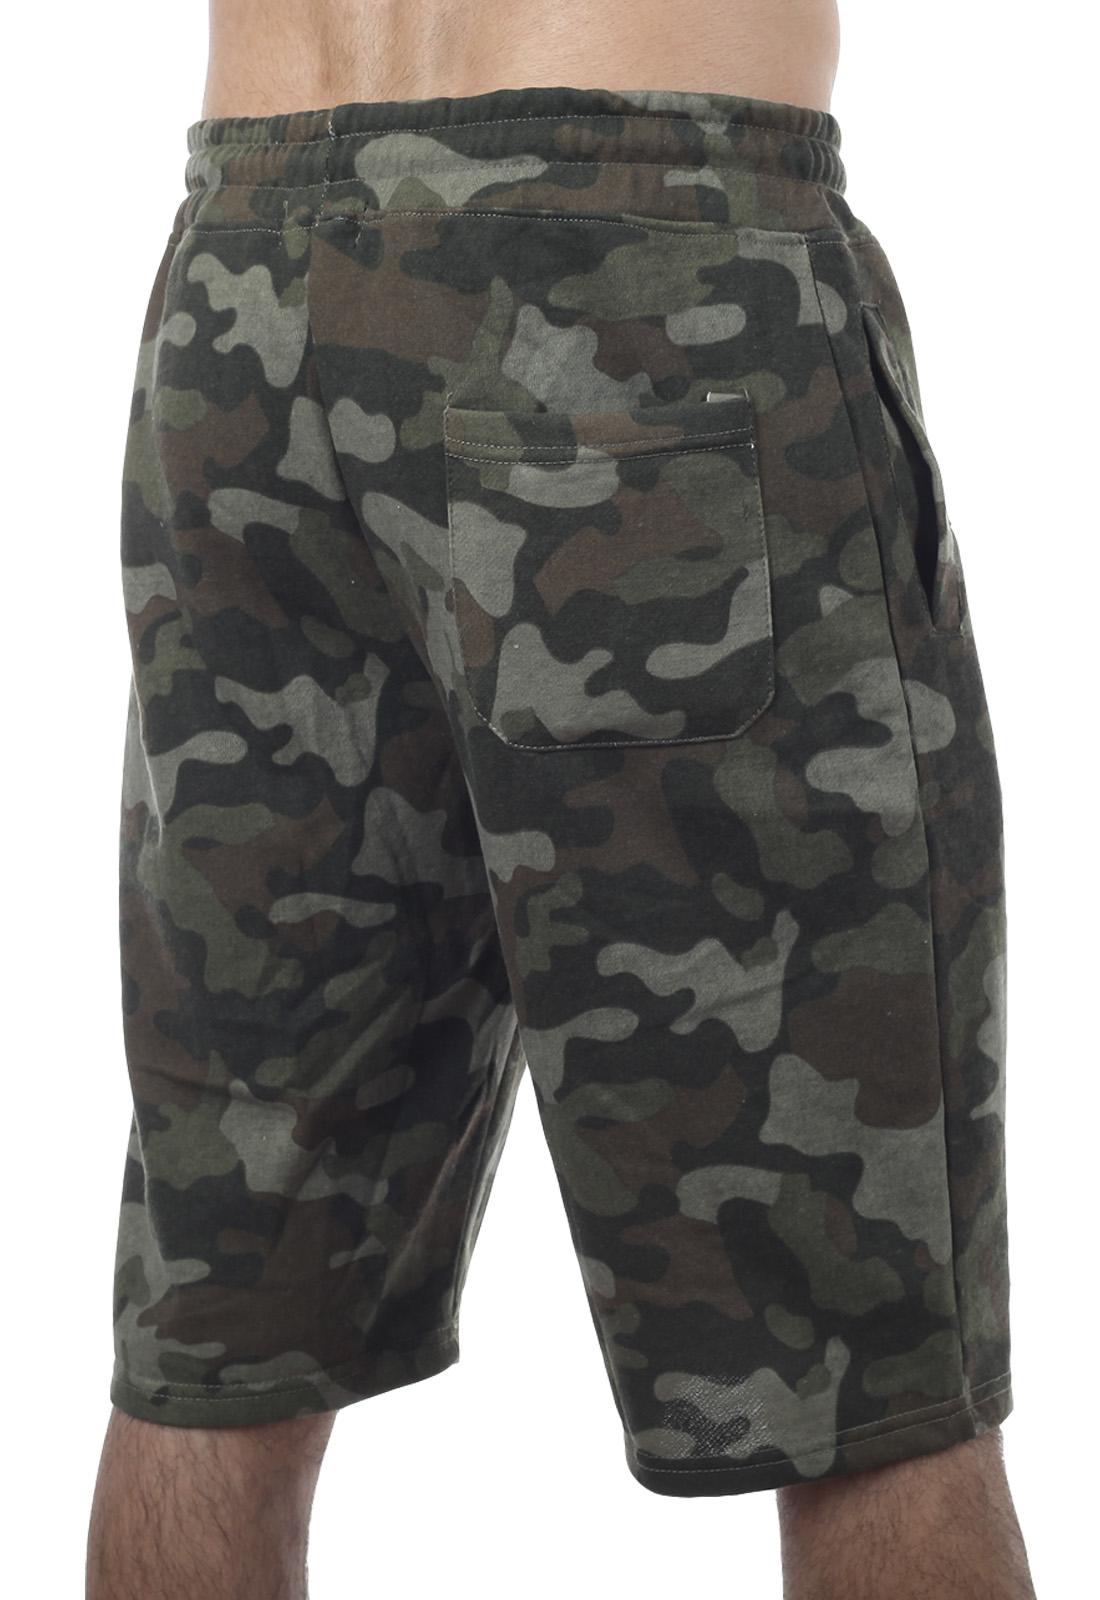 Армейские камуфляжные хаки-шорты с нашивкой РВСН - купить онлайн